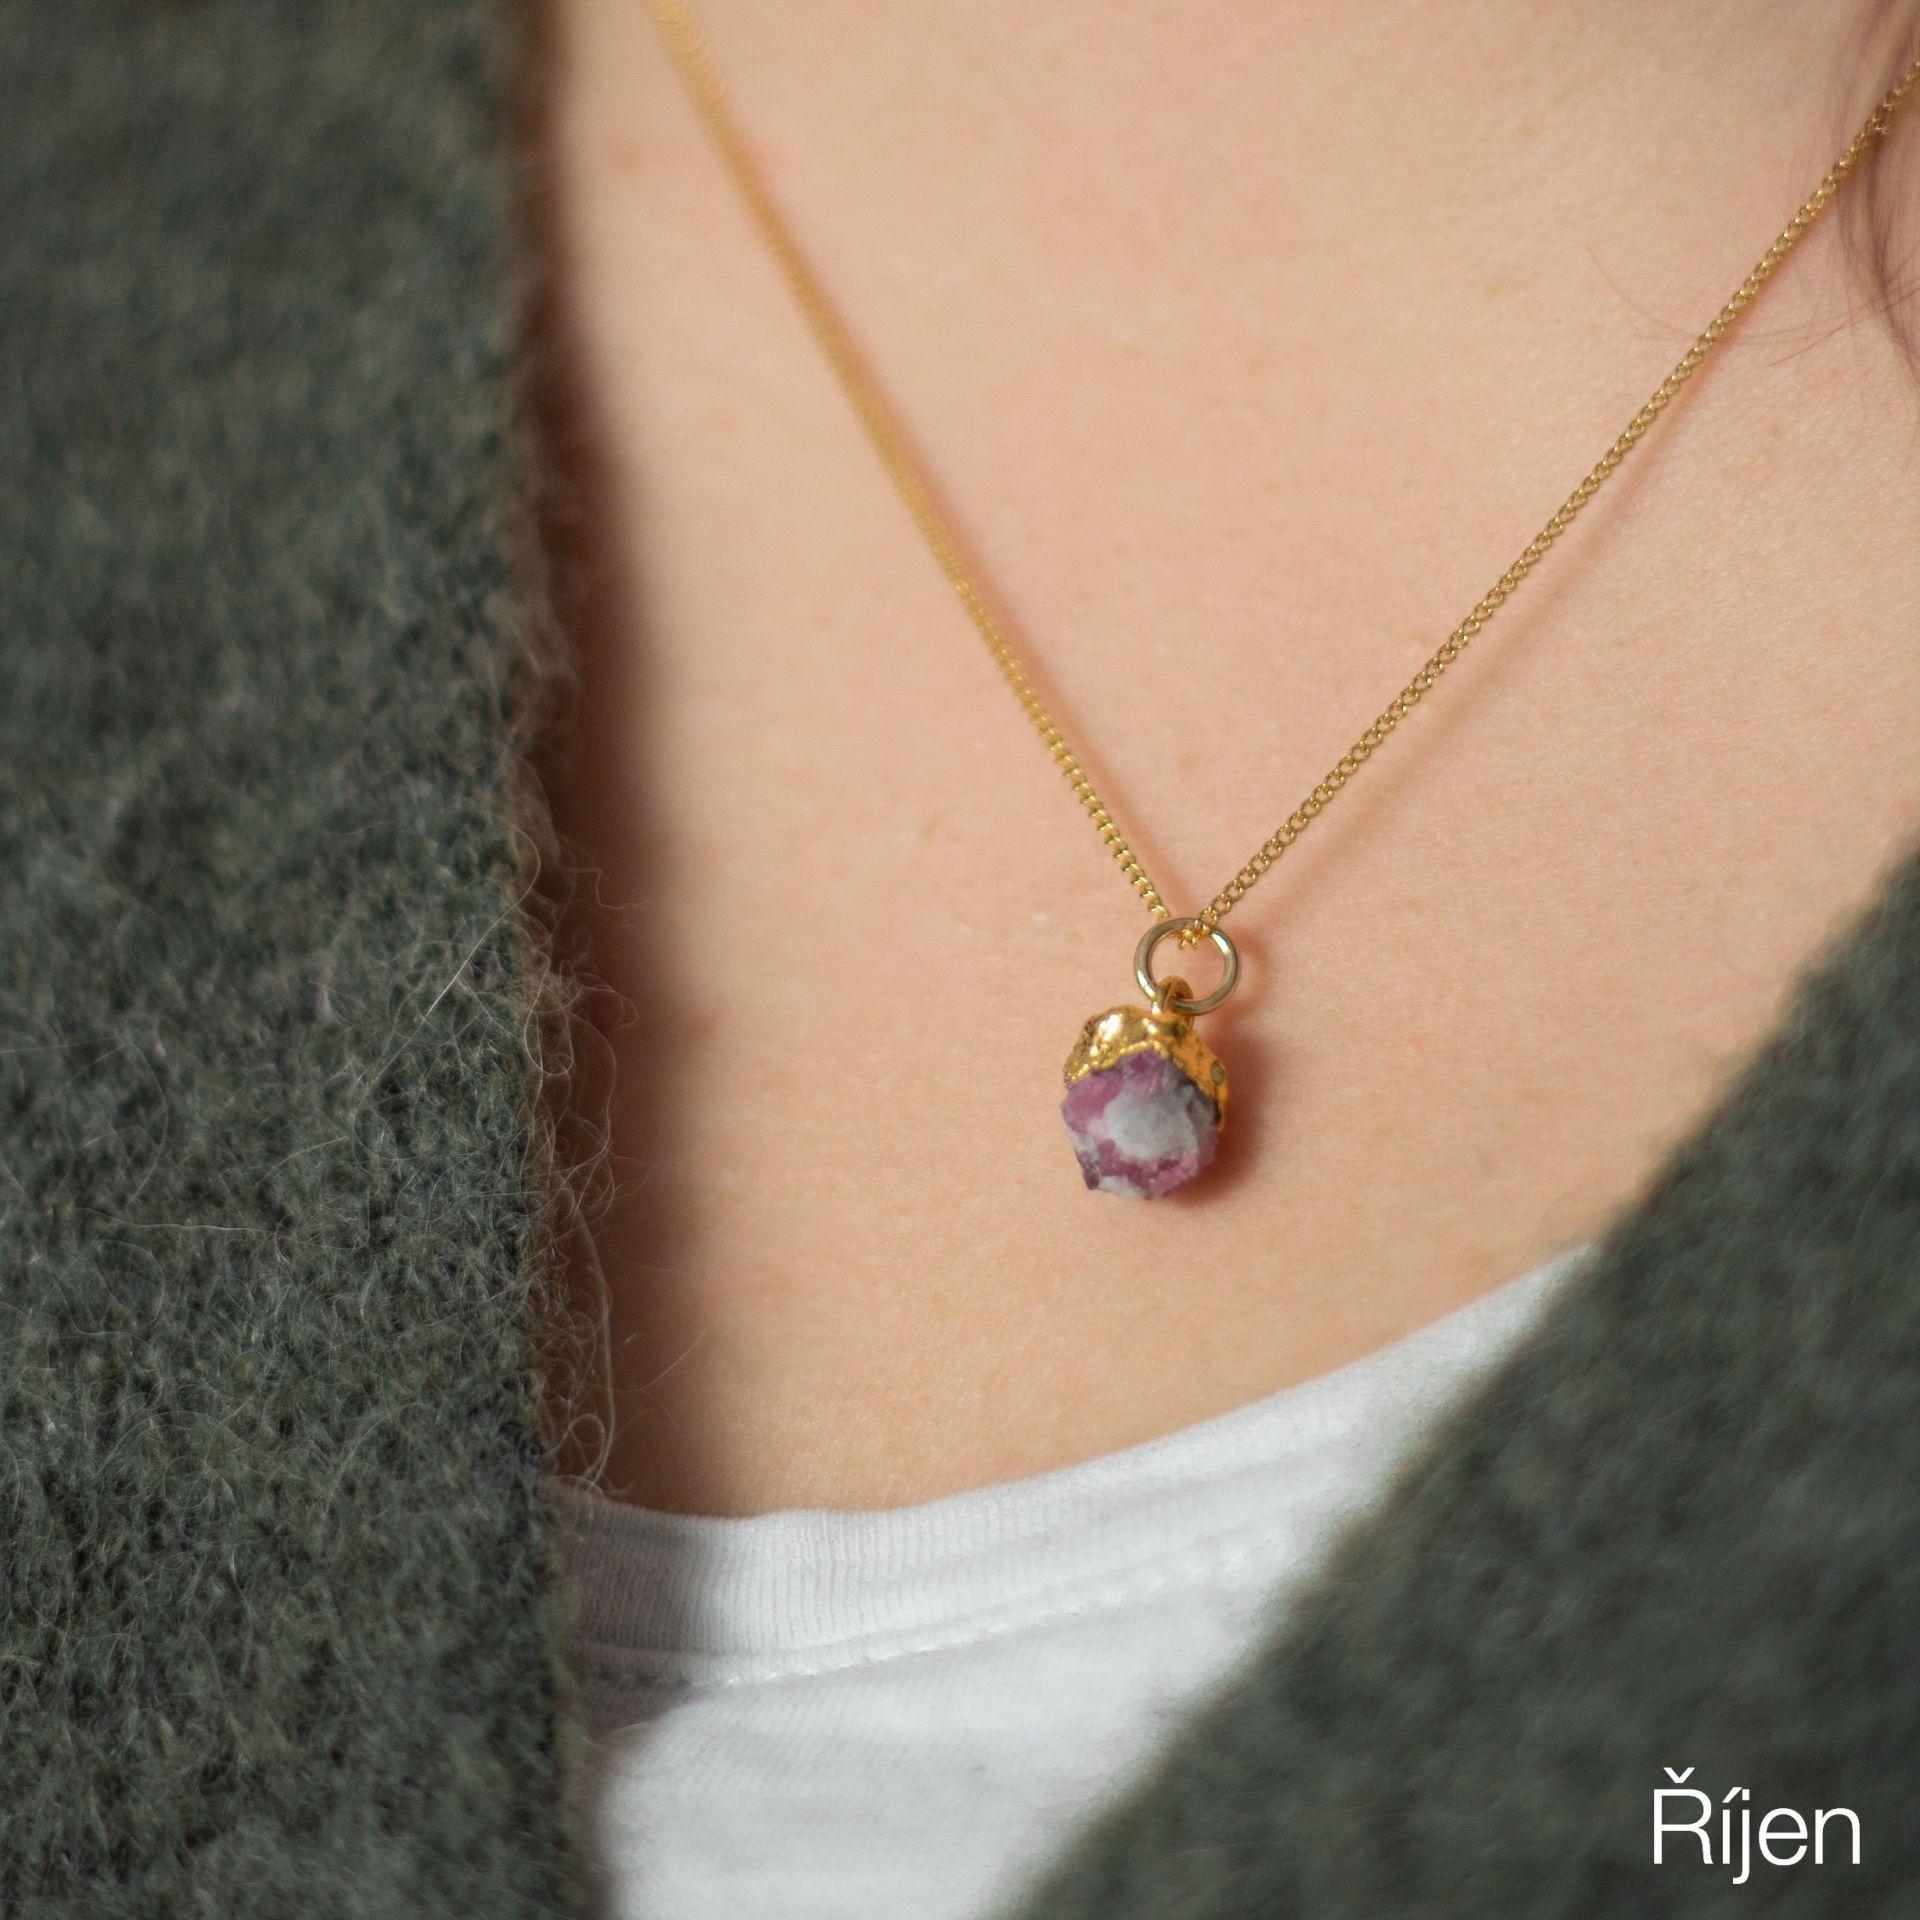 DECADORN Pozlacený řetízek s narozeninovým kamenem Birthstone Říjen - rubelit, multi barva, zlatá barva, kov, kámen